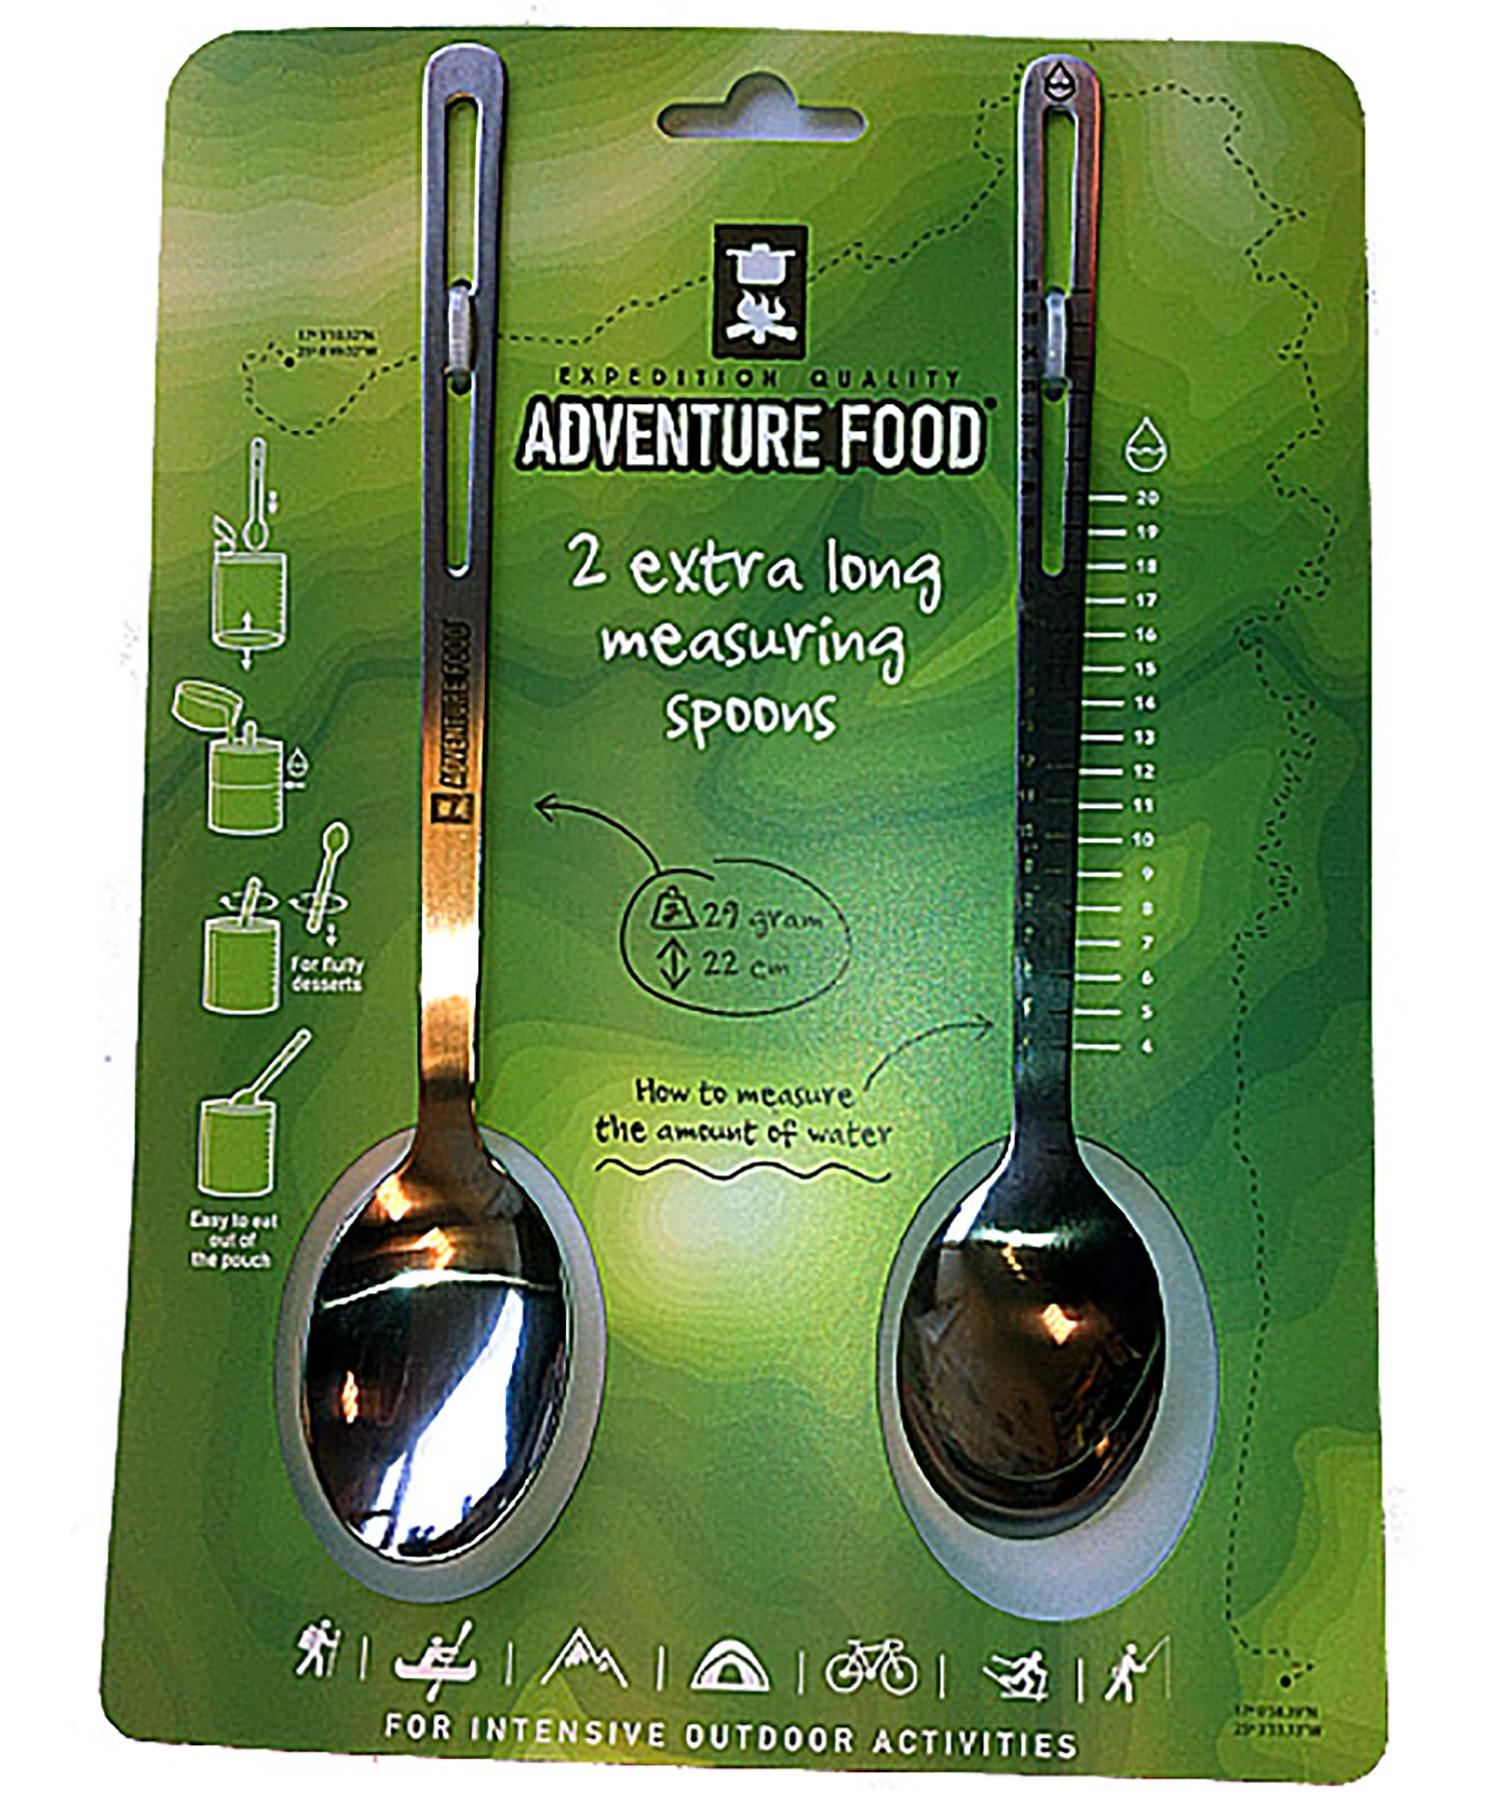 AF Spoon, lang røreskje i stål, 2 pk